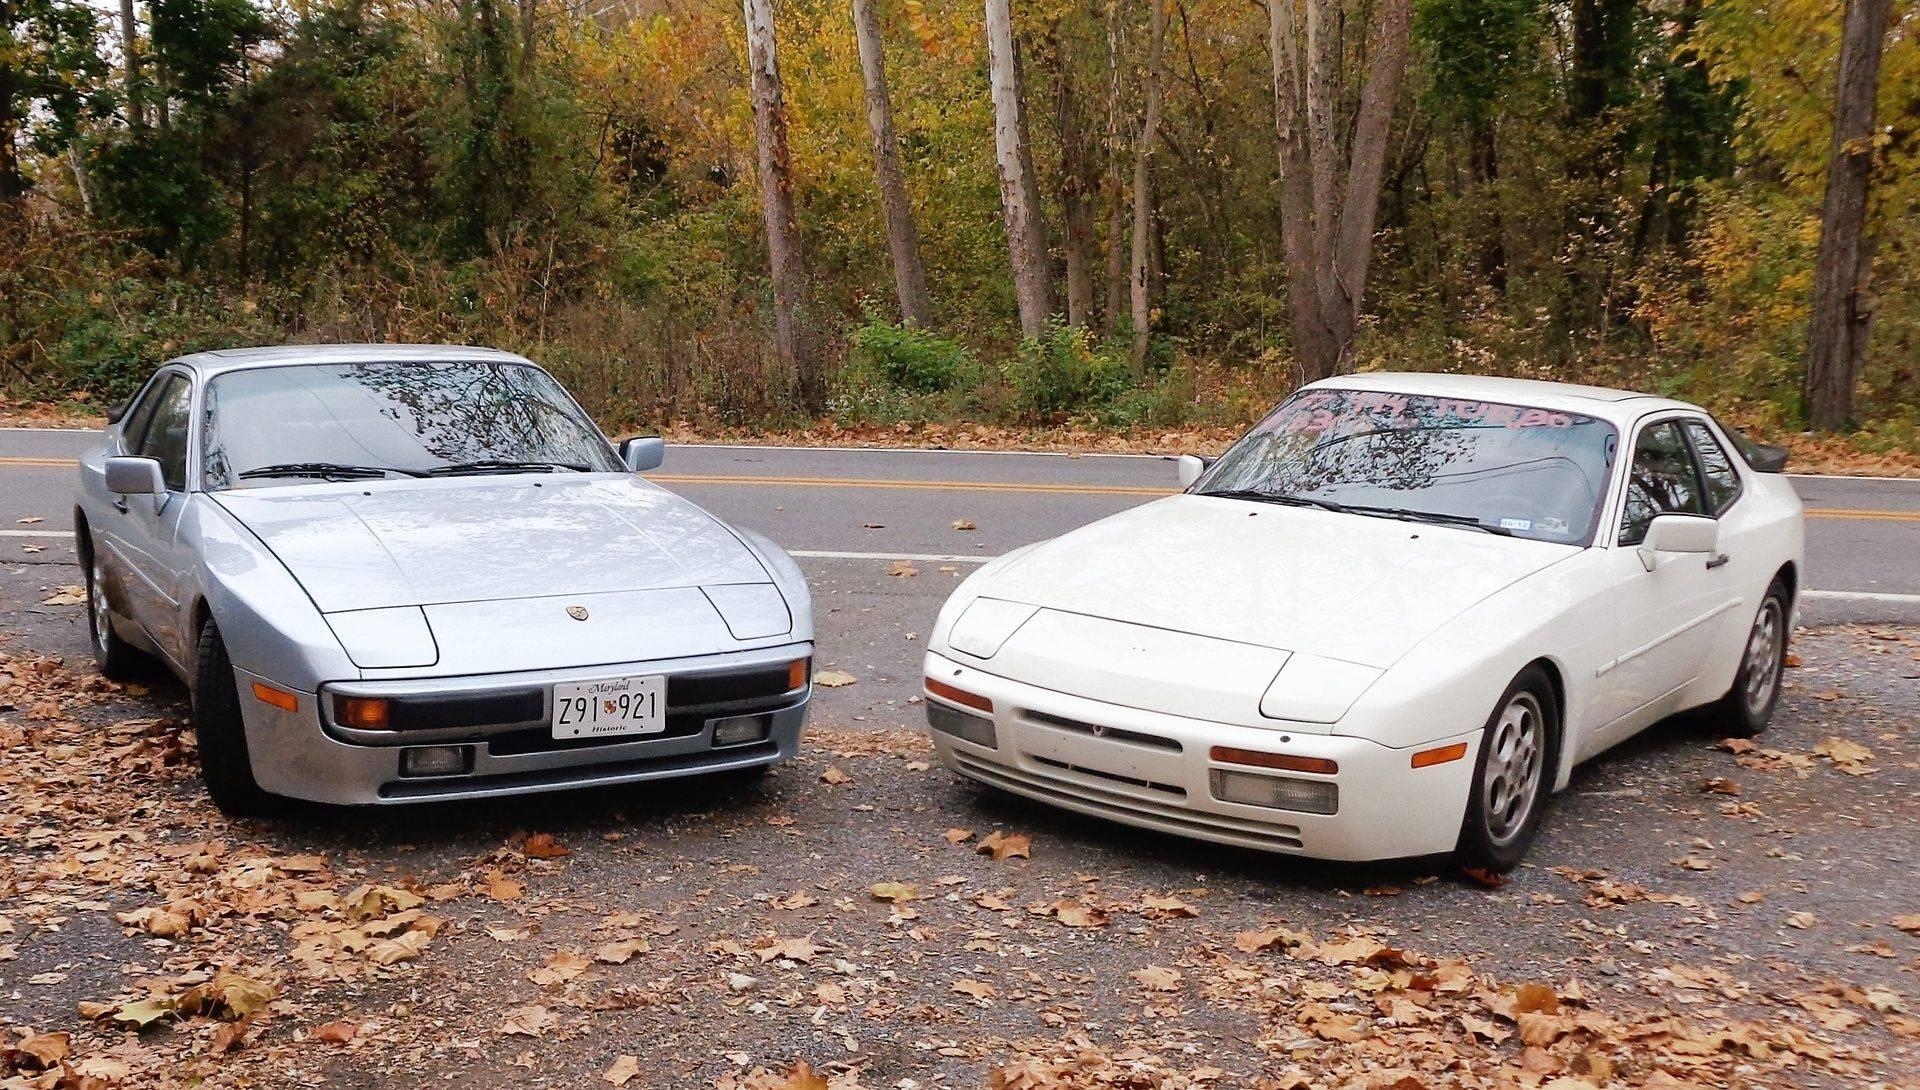 We know Porsche 944s